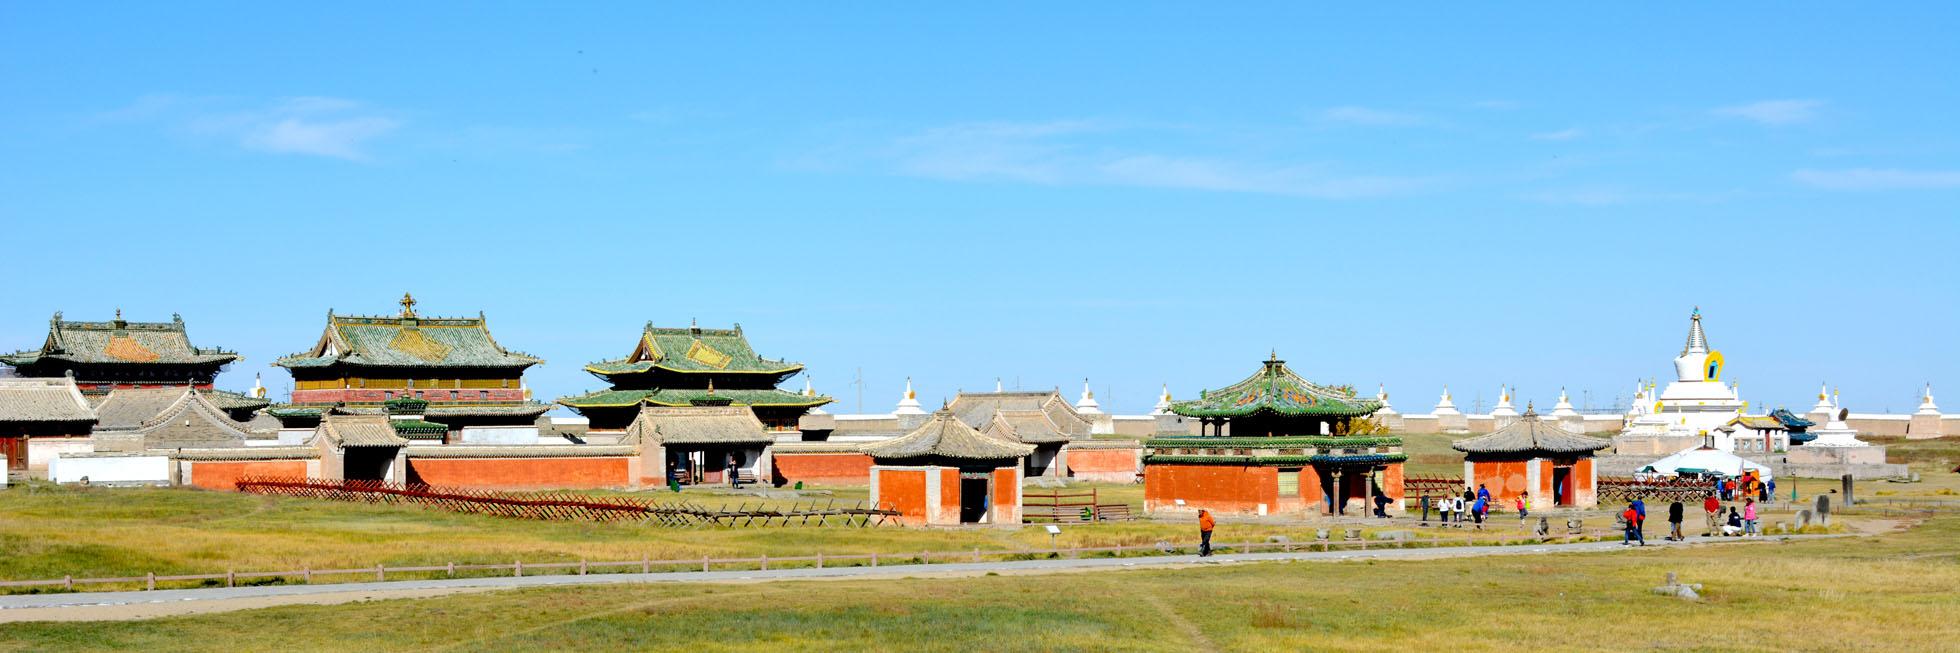 Karakorum, Mongolei